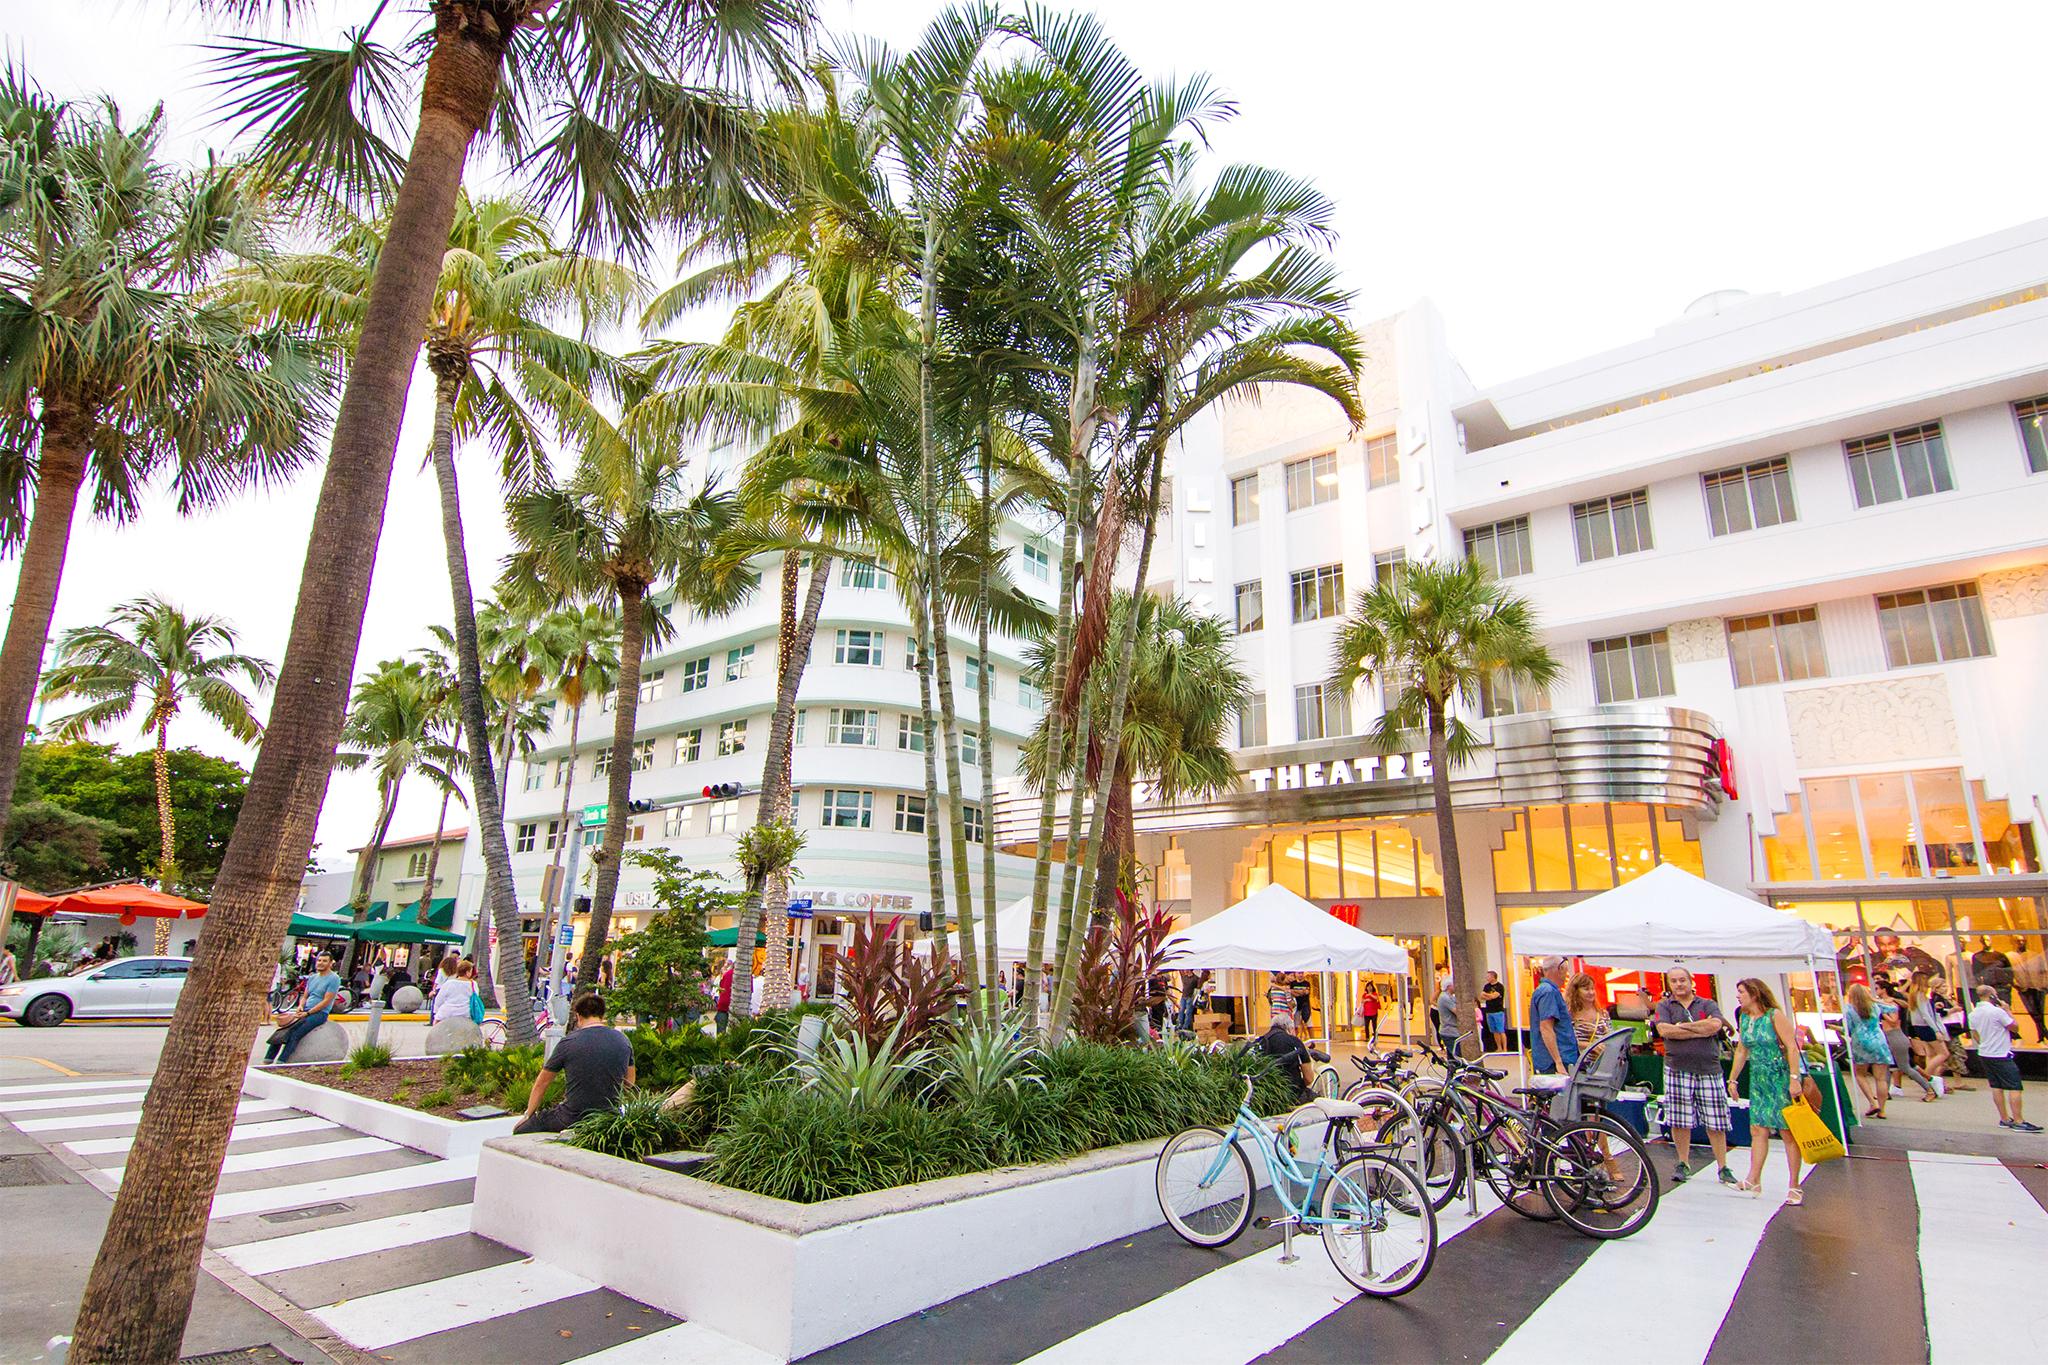 מזהה הזדמנות: אלטו רוכשת נכס מסחרי בפלורידה ב-19 מיליון דולר